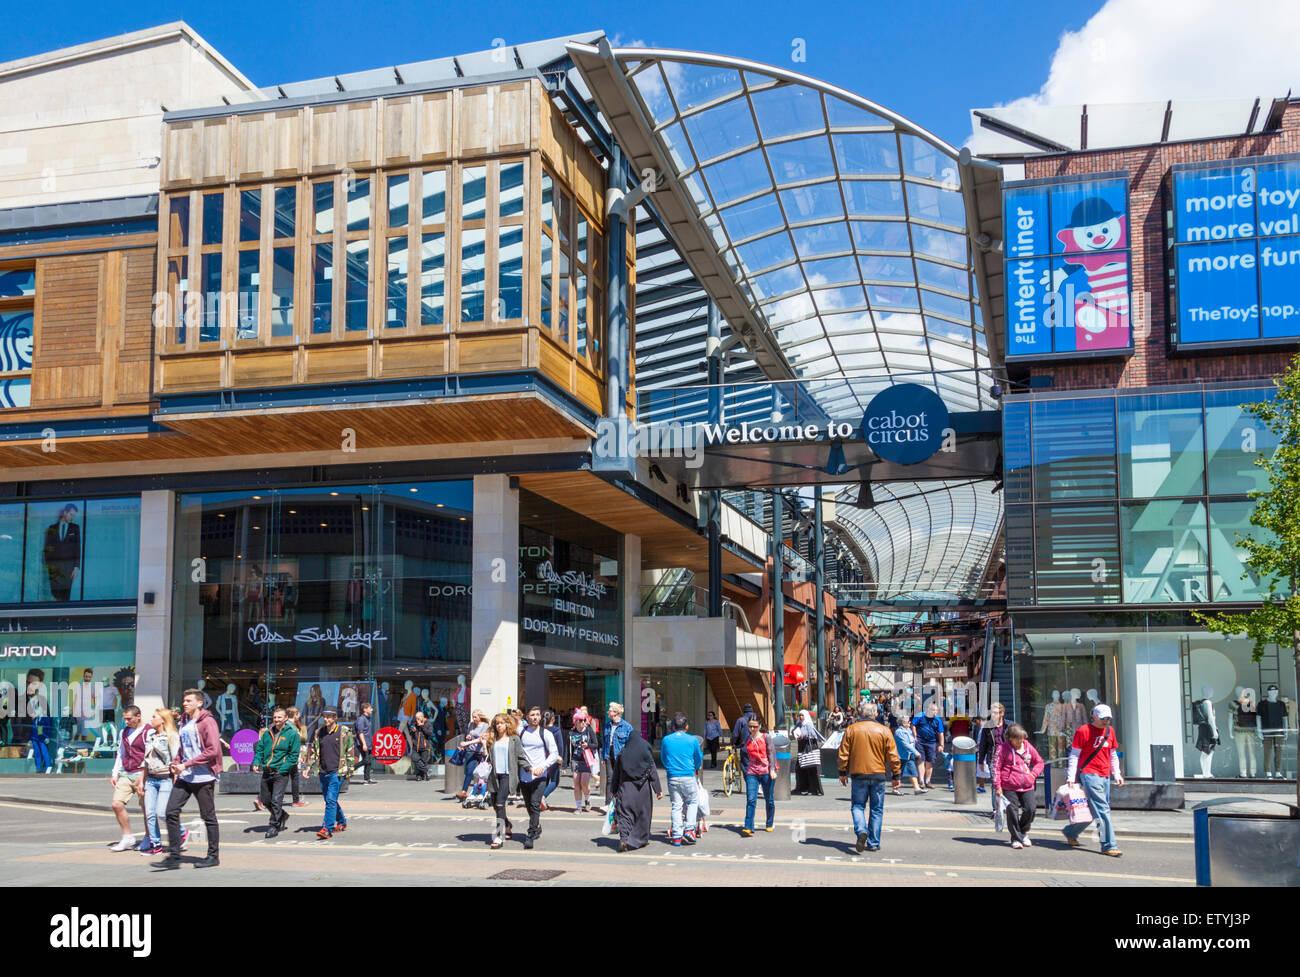 Le centre commercial Cabot Circus Bristol Bristol Centre Ville Avon England UK GB EU Europe Banque D'Images